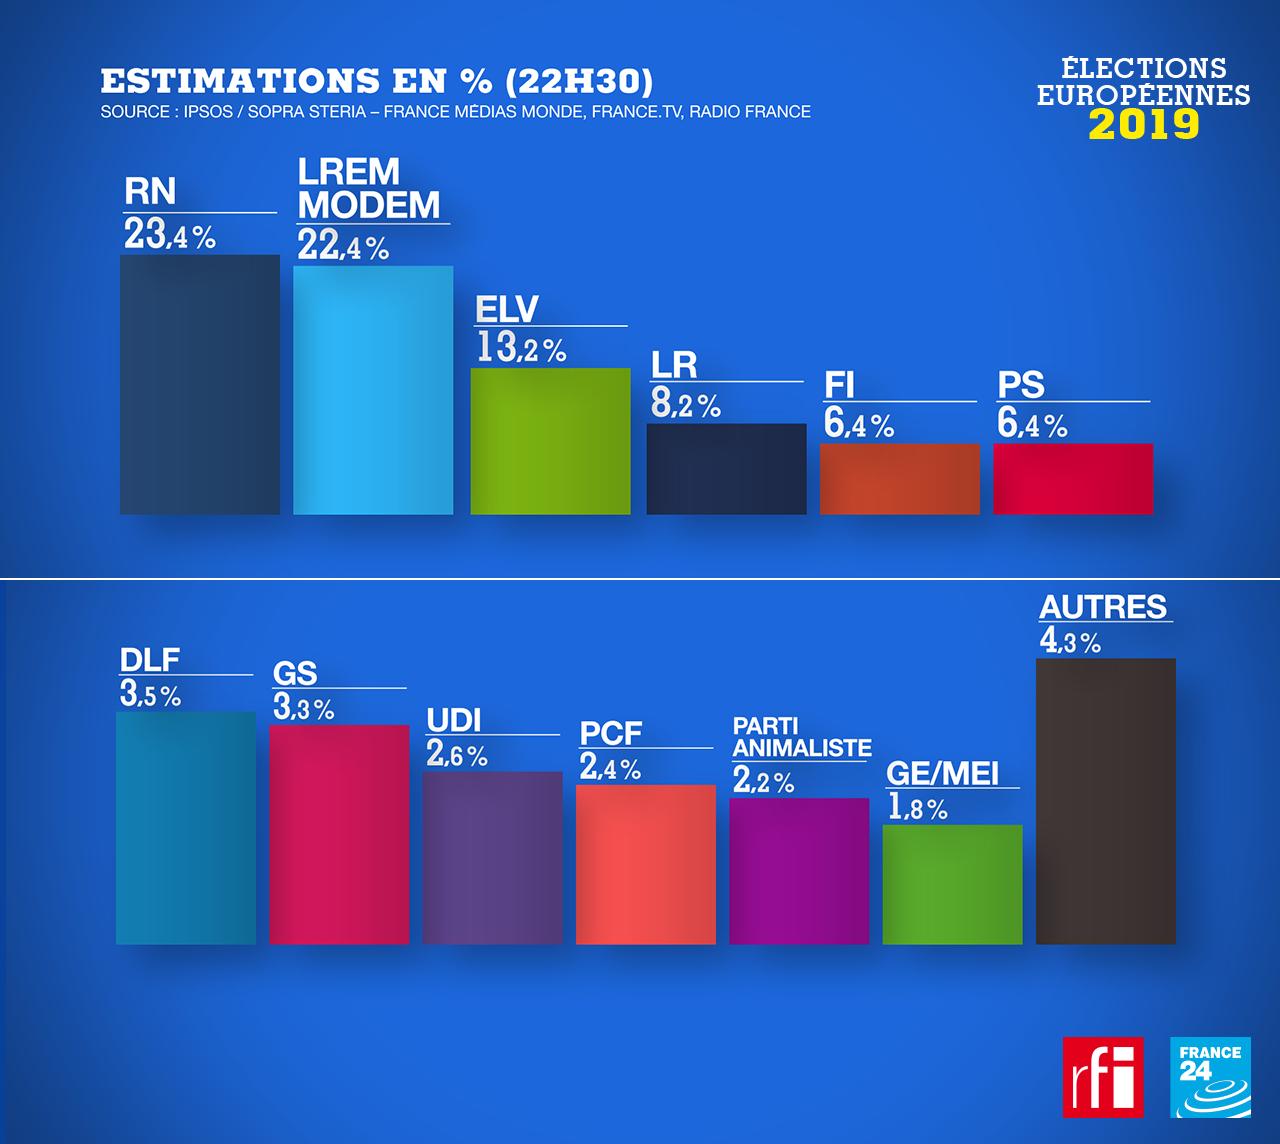 Estimation des résultats aux élections européennes en France